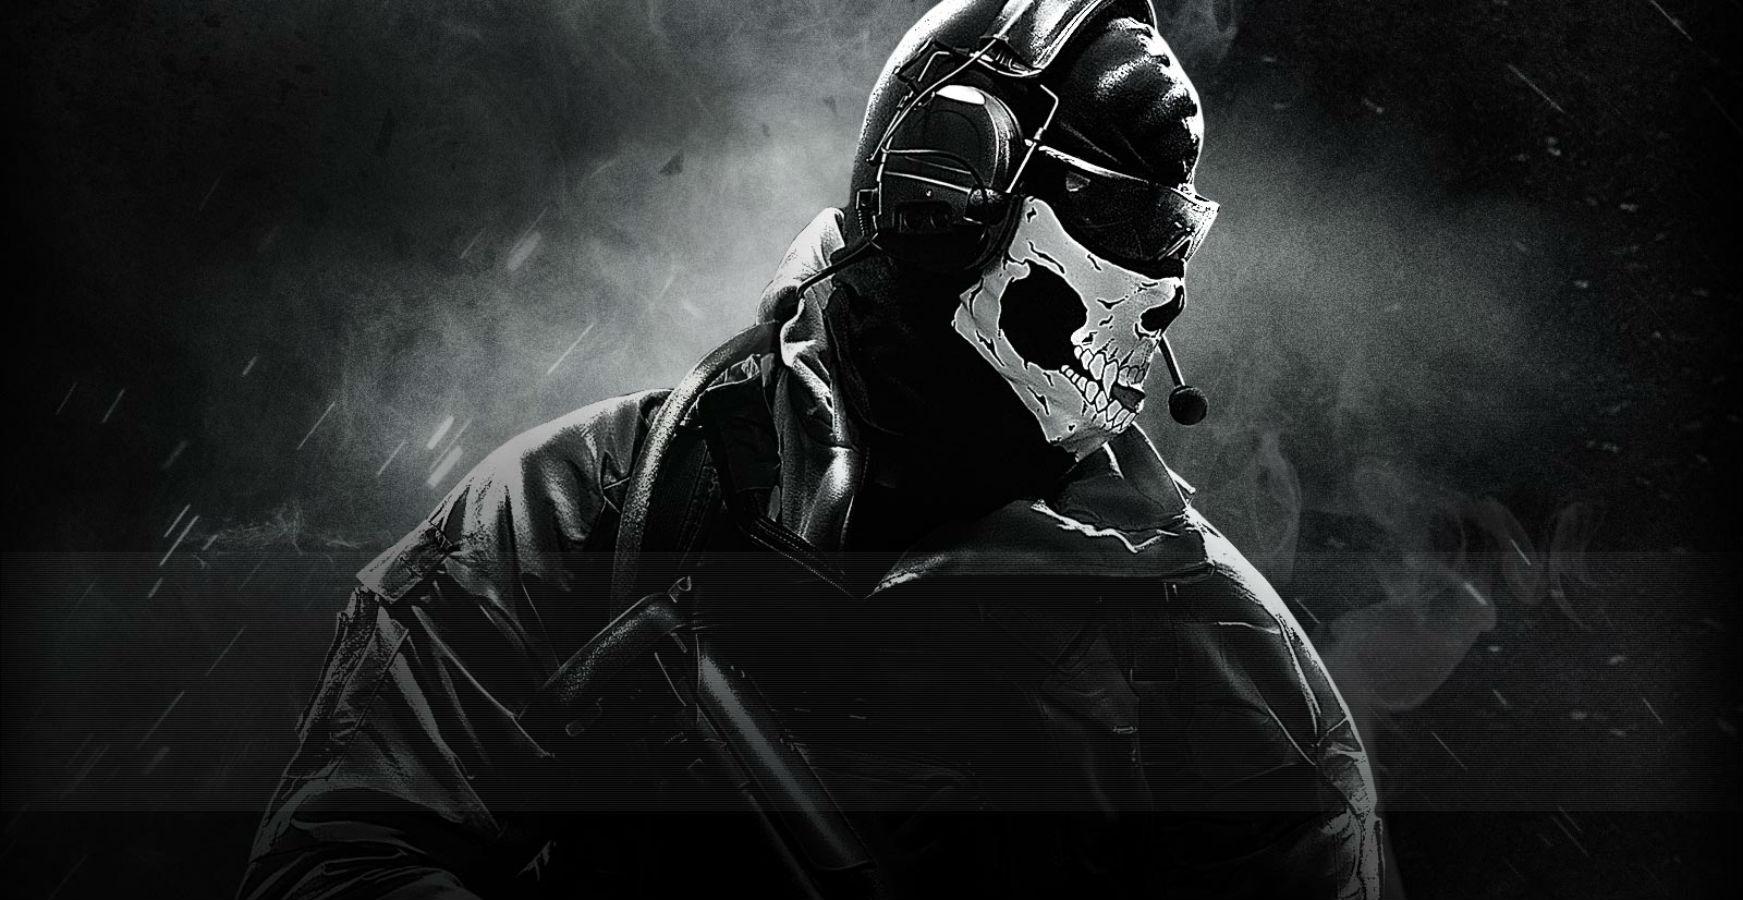 Call Of Duty Ghosts military warrior soldier weapon gun dark skull